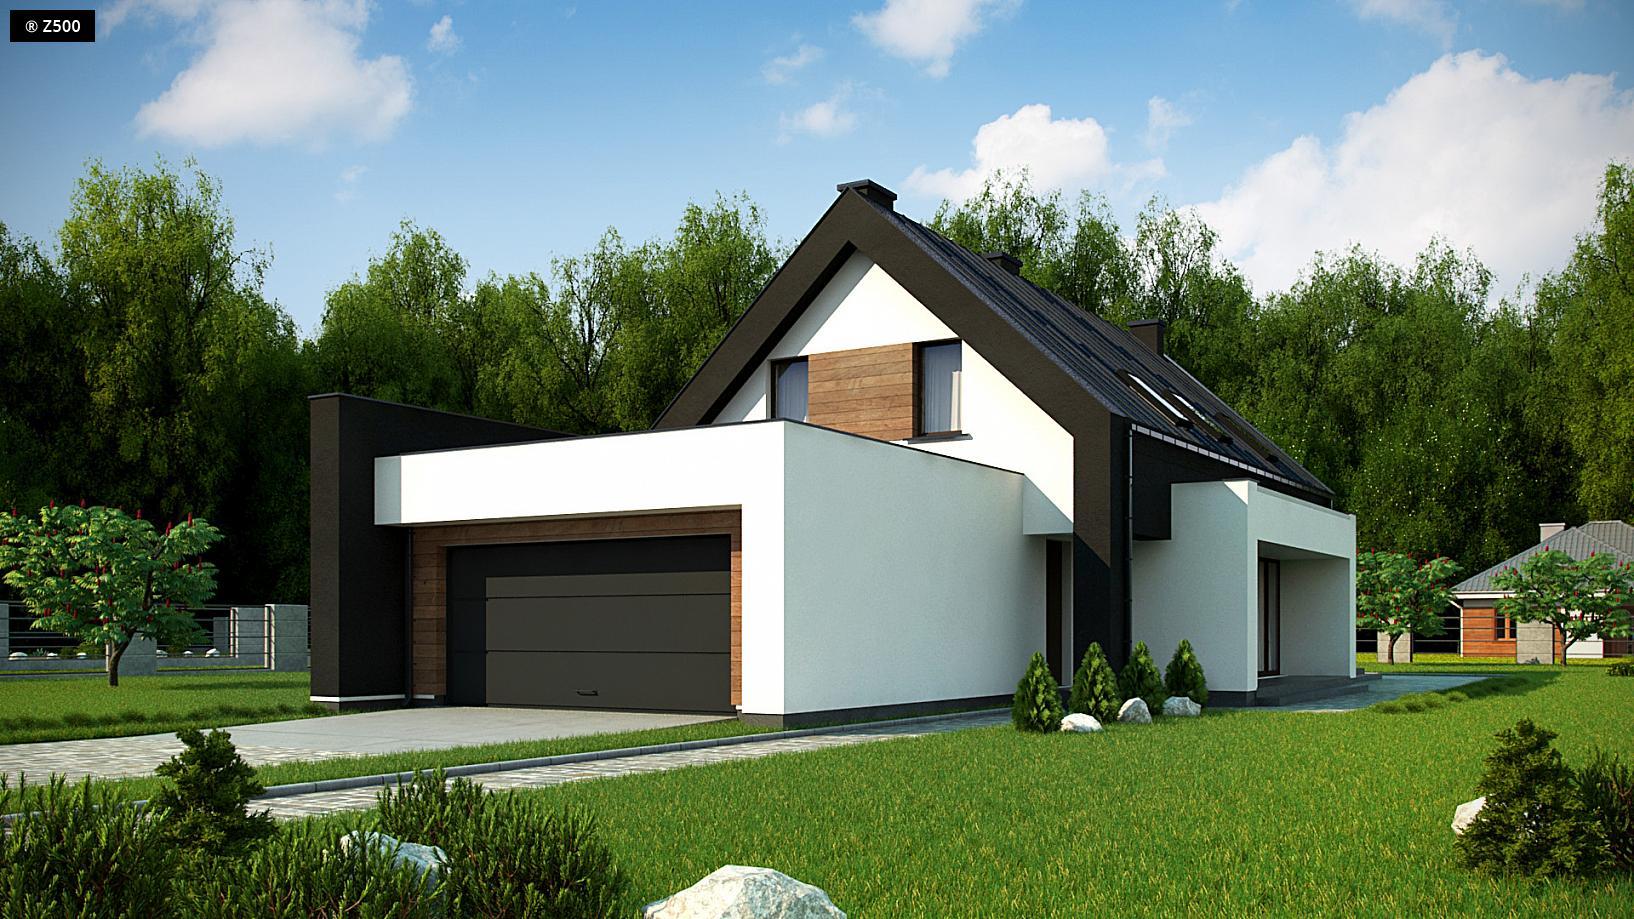 Proyectos de casas casa navacerrada de dise o moderna for Casas modernas granada